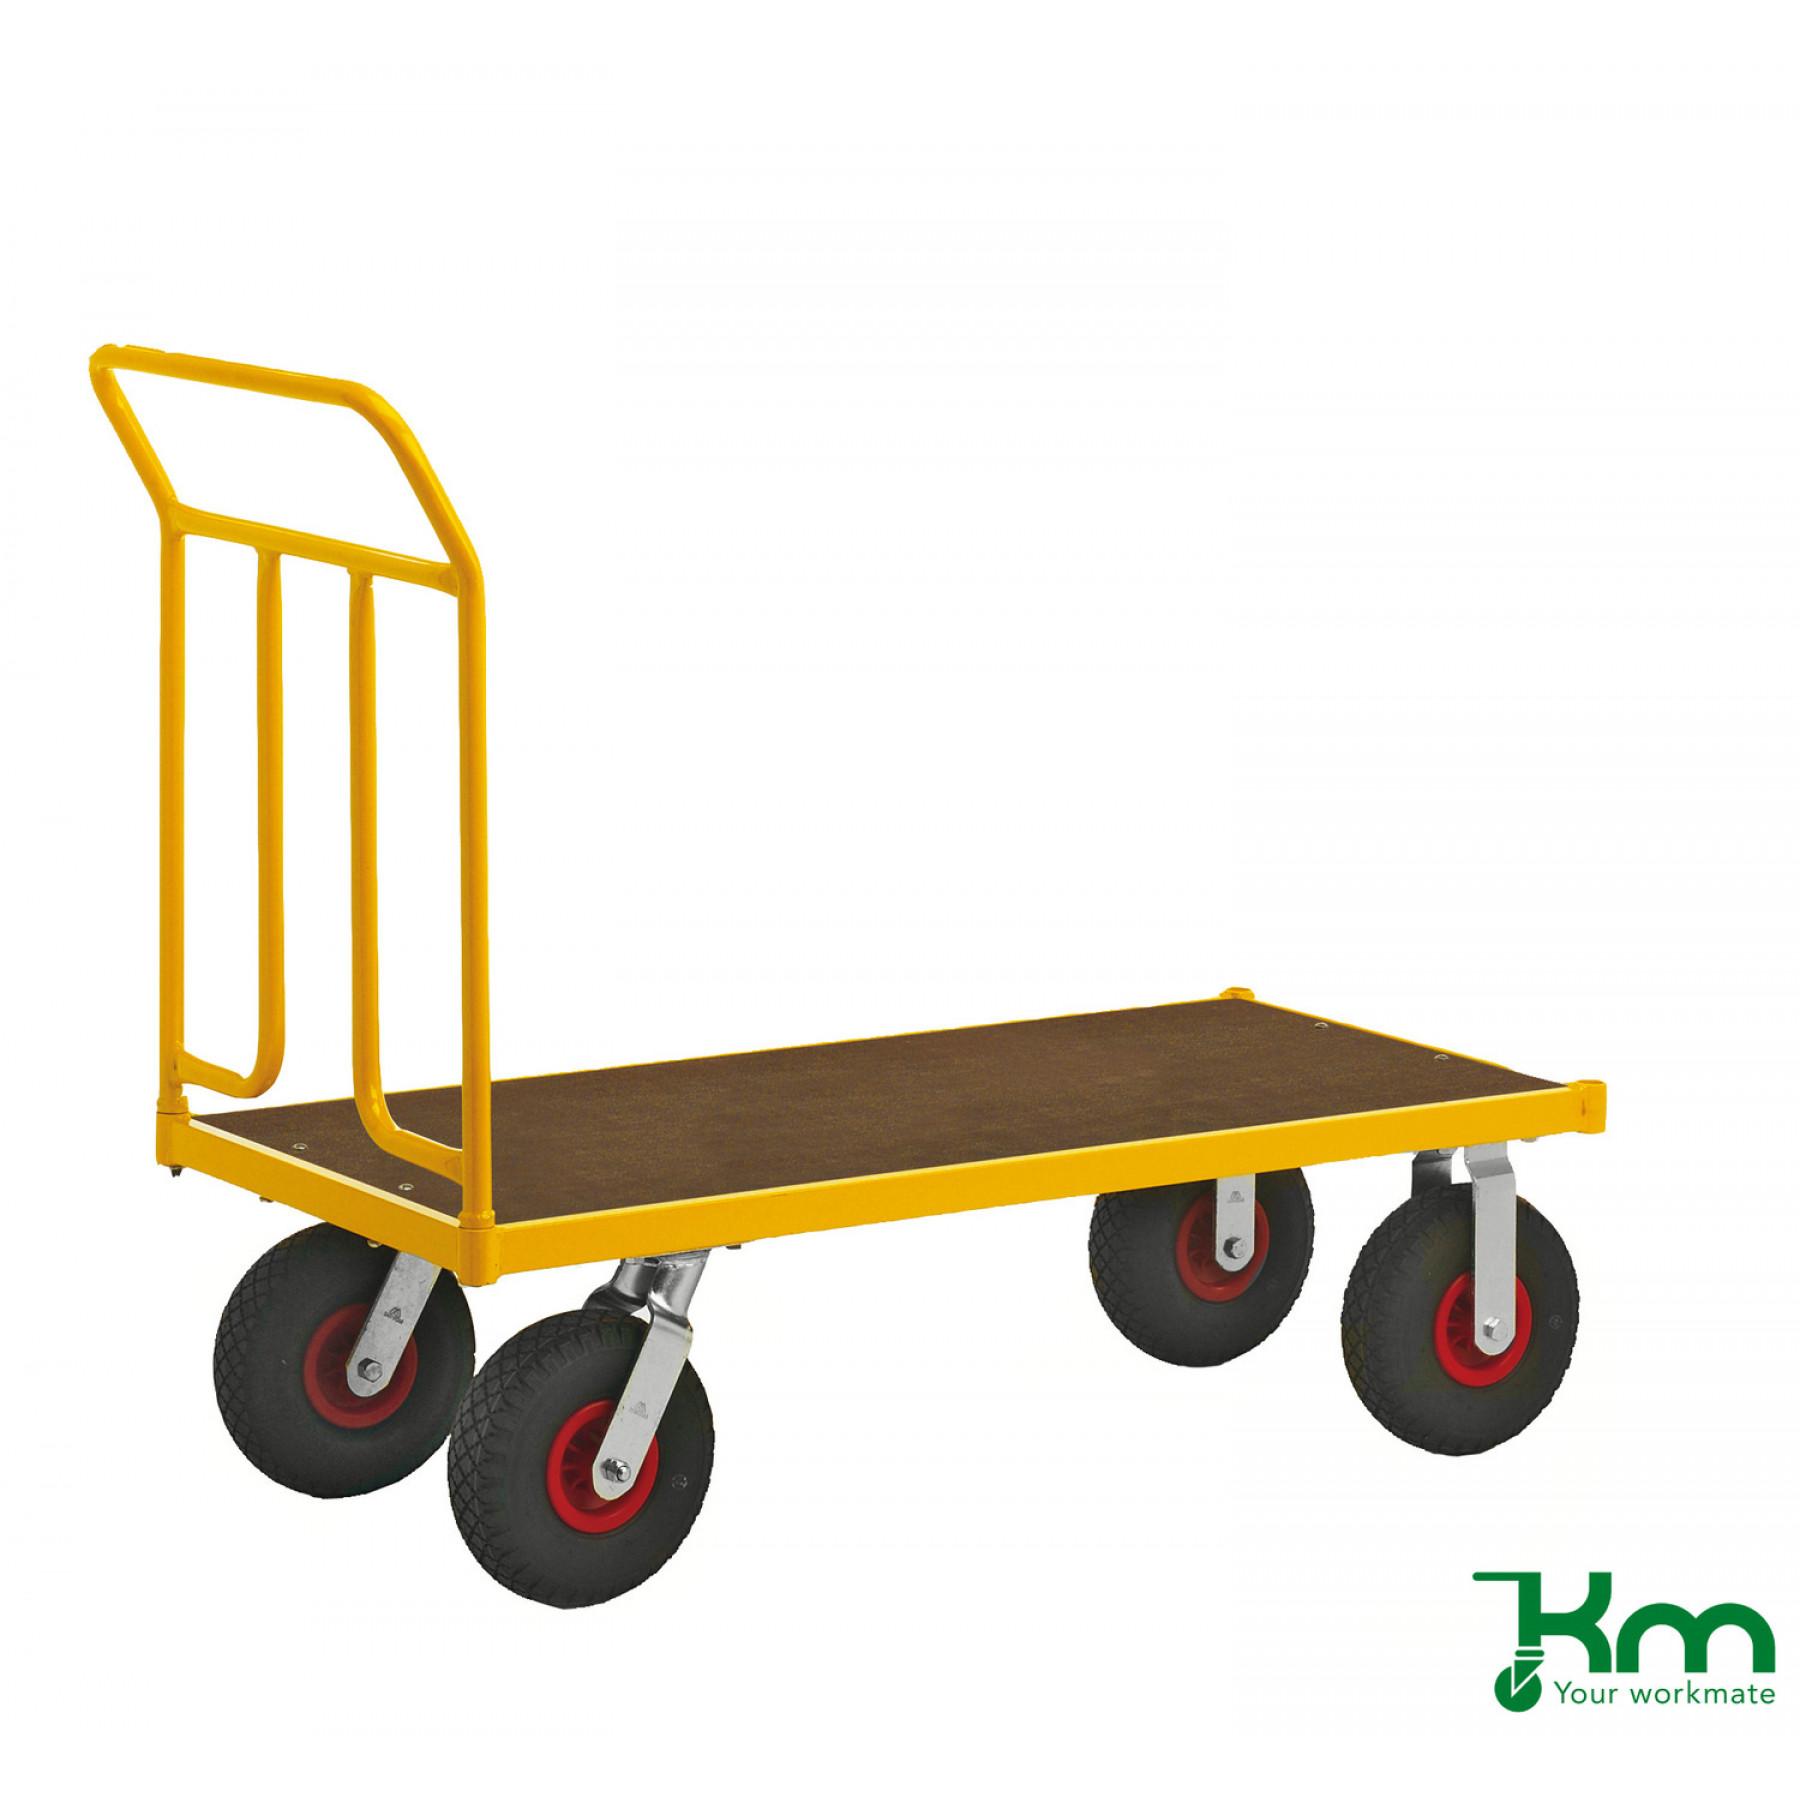 Duwwagen 1250x650 mm op luchtbandwielen, KM 144650